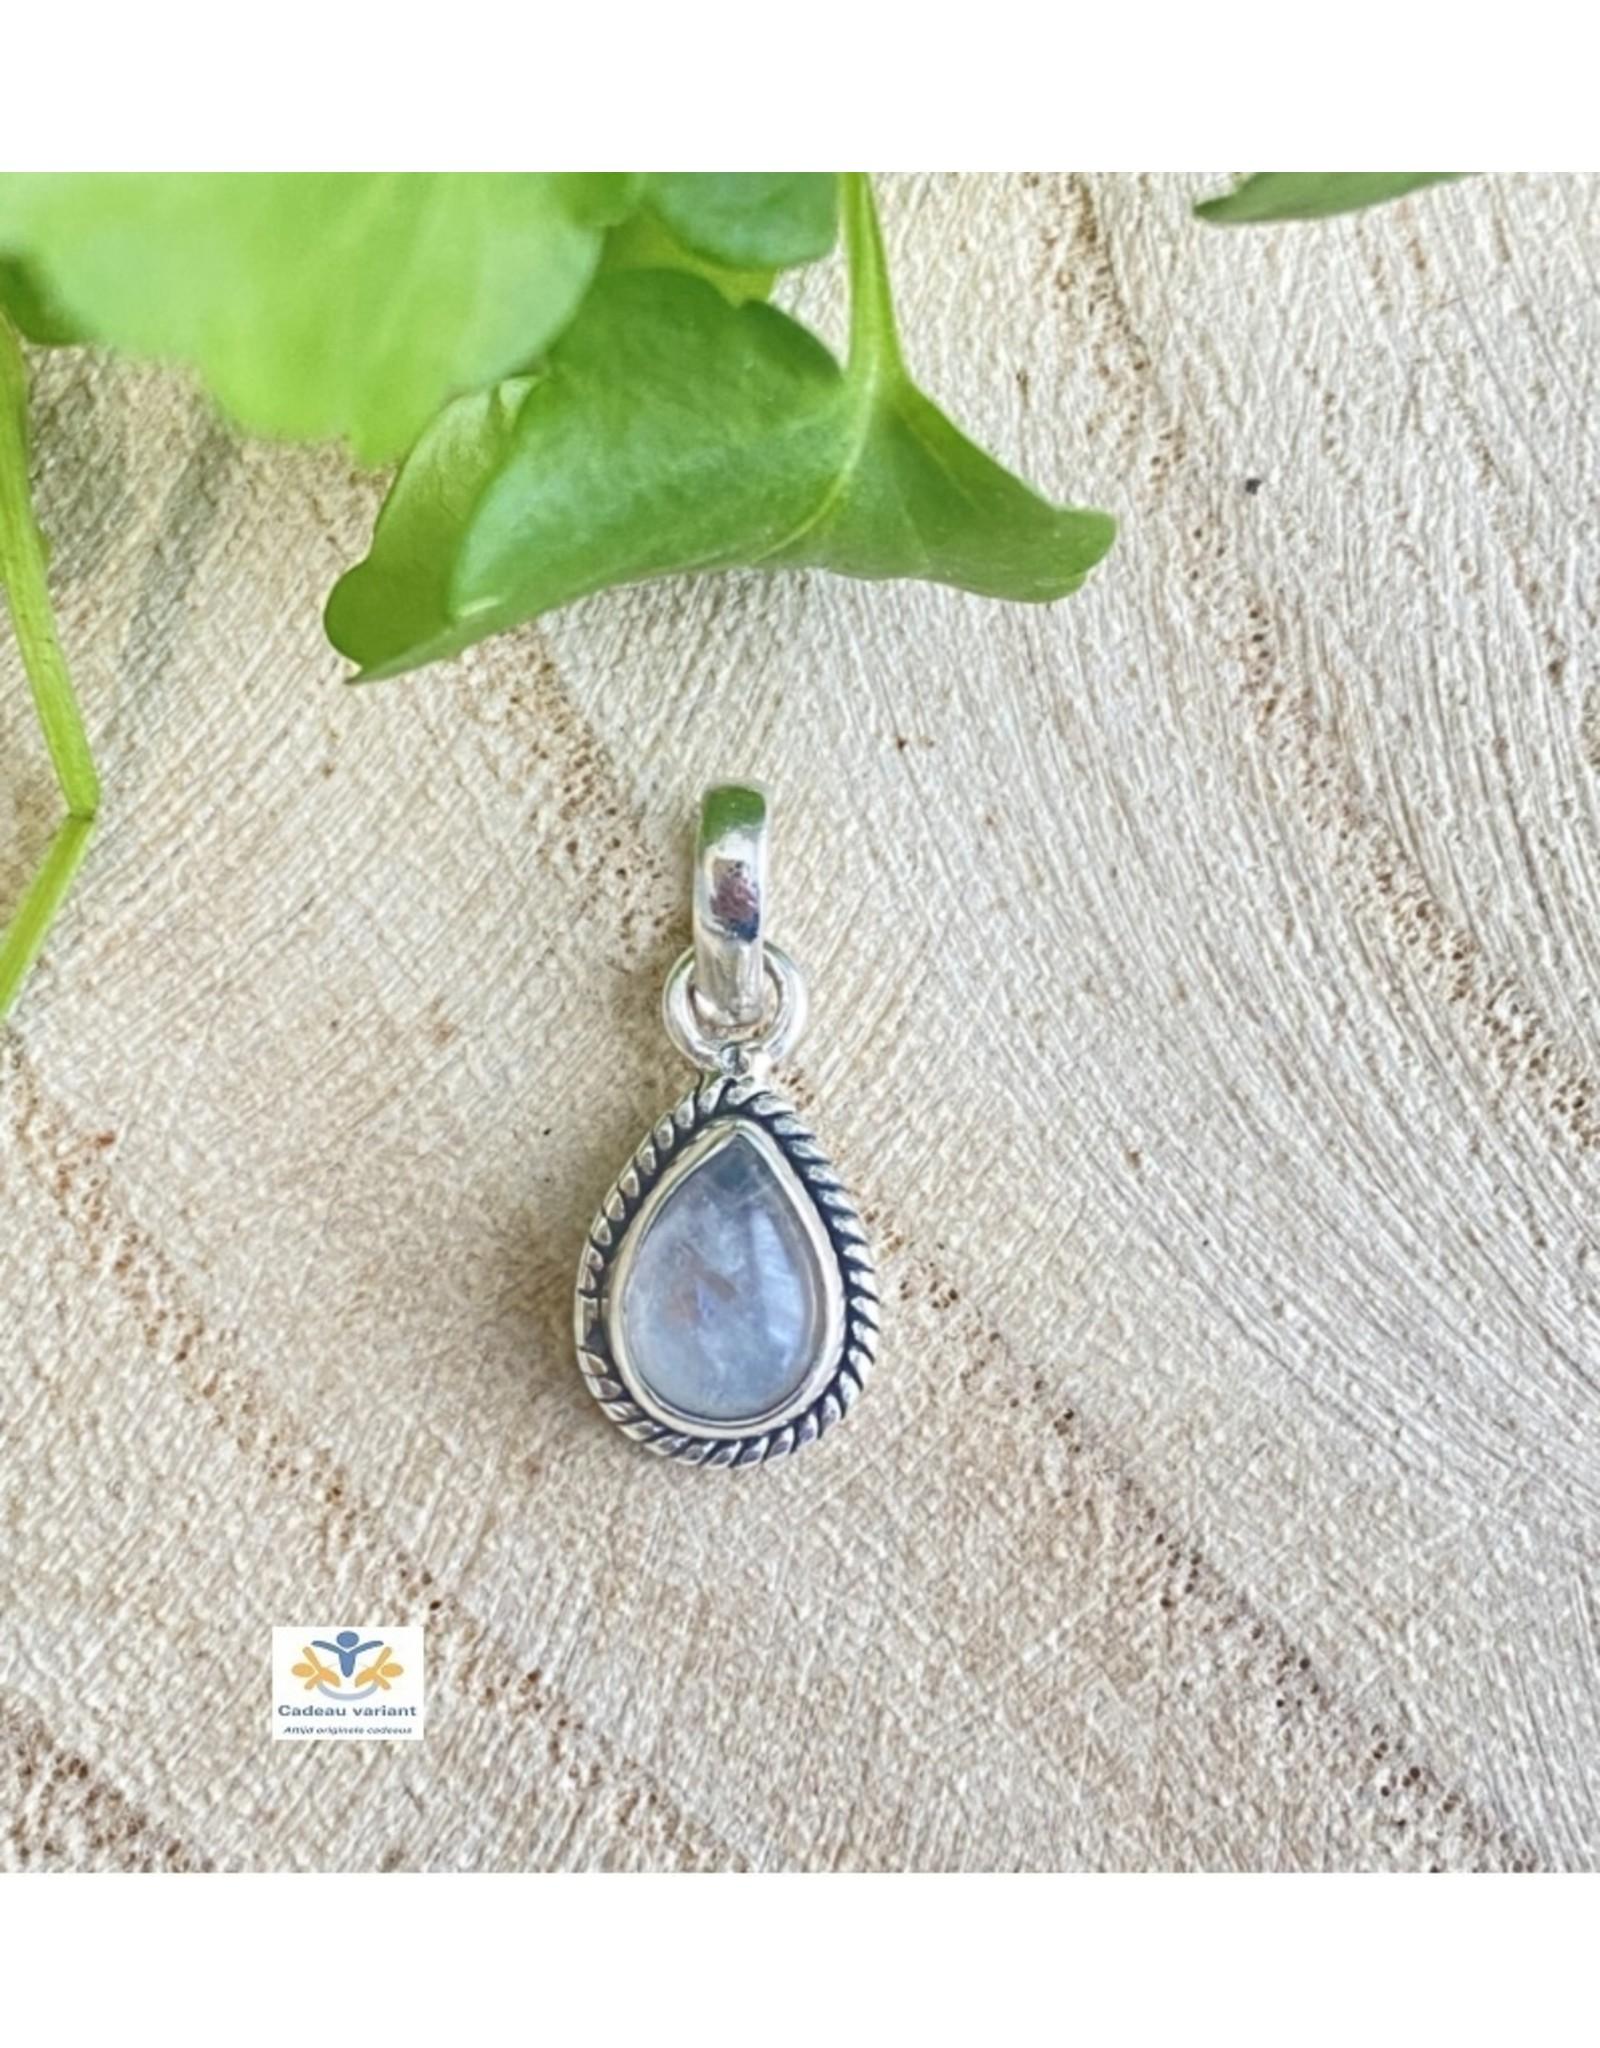 Maansteen regenboog edelsteen hanger zilver